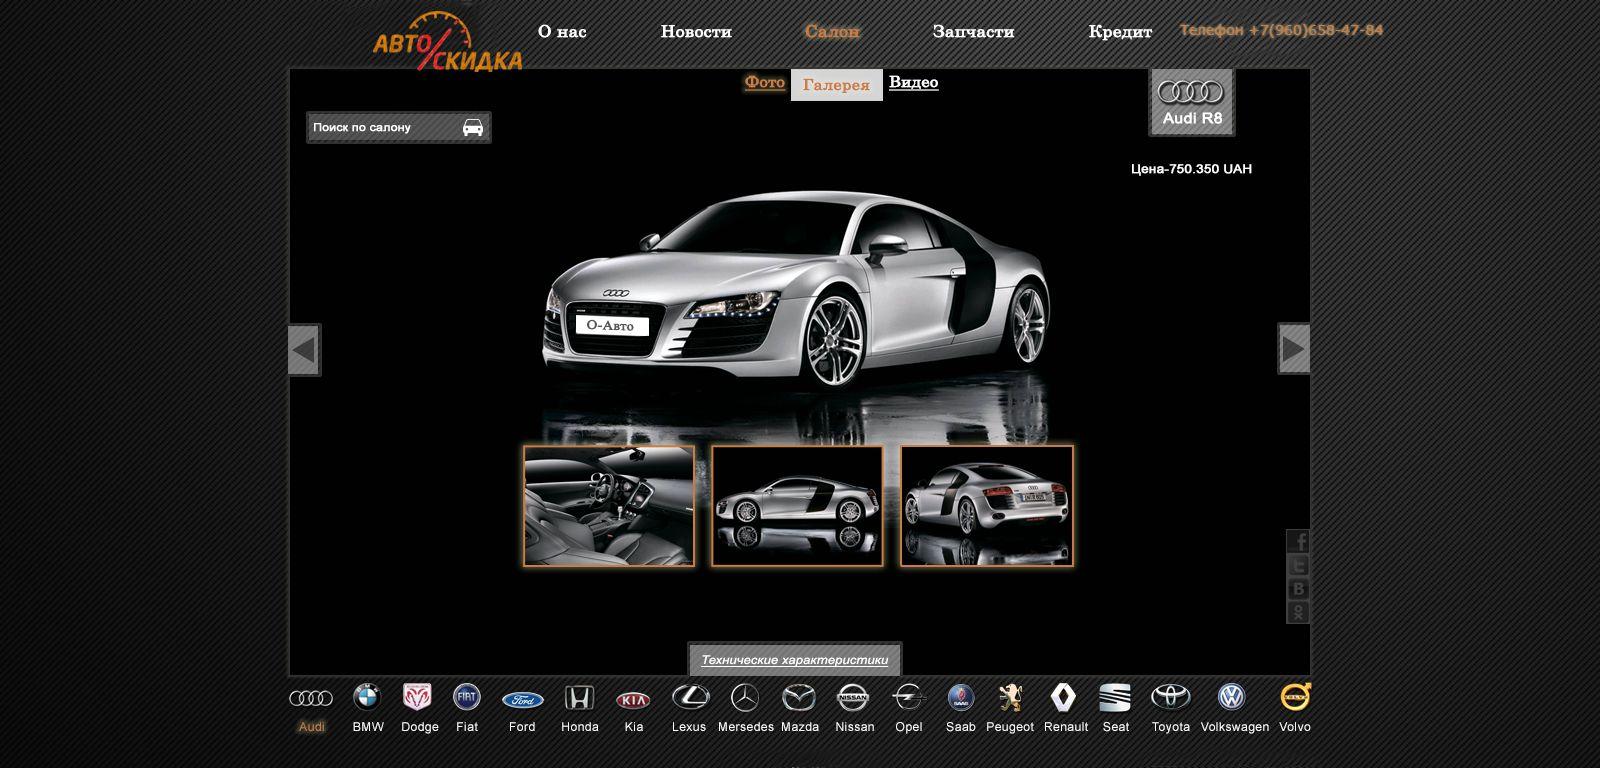 Дизайн сайта со скидками для автовладельцев - дизайнер dfvgbh123